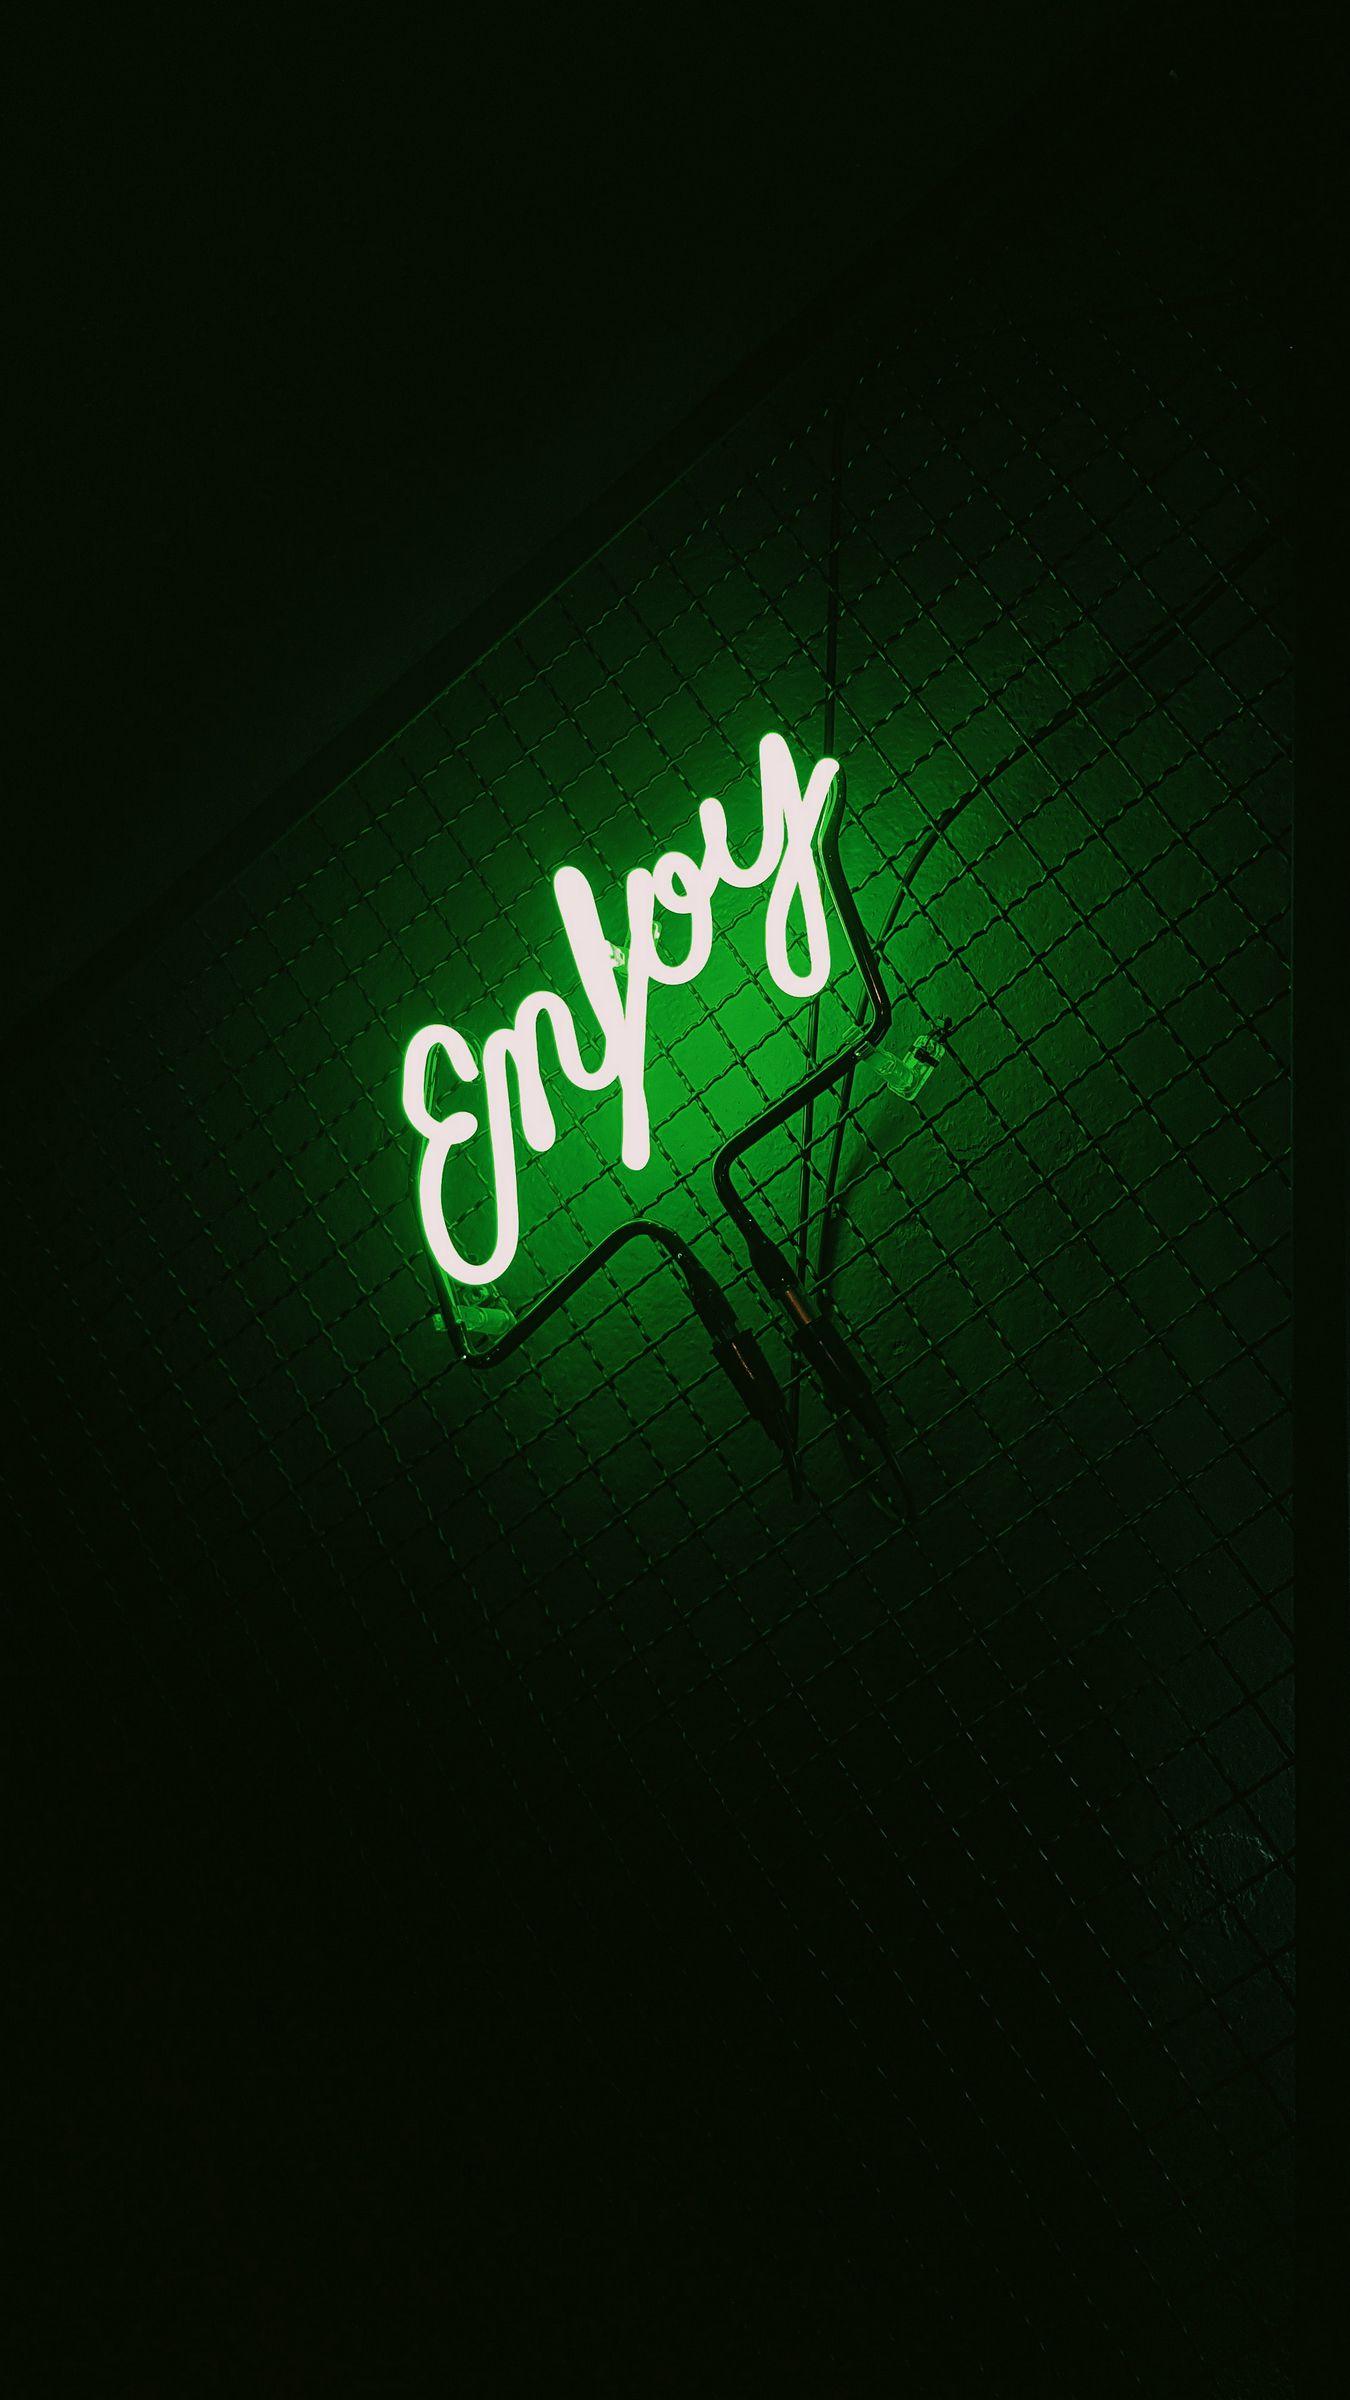 1350x2400 Wallpaper inscription, neon, backlight, green, dark